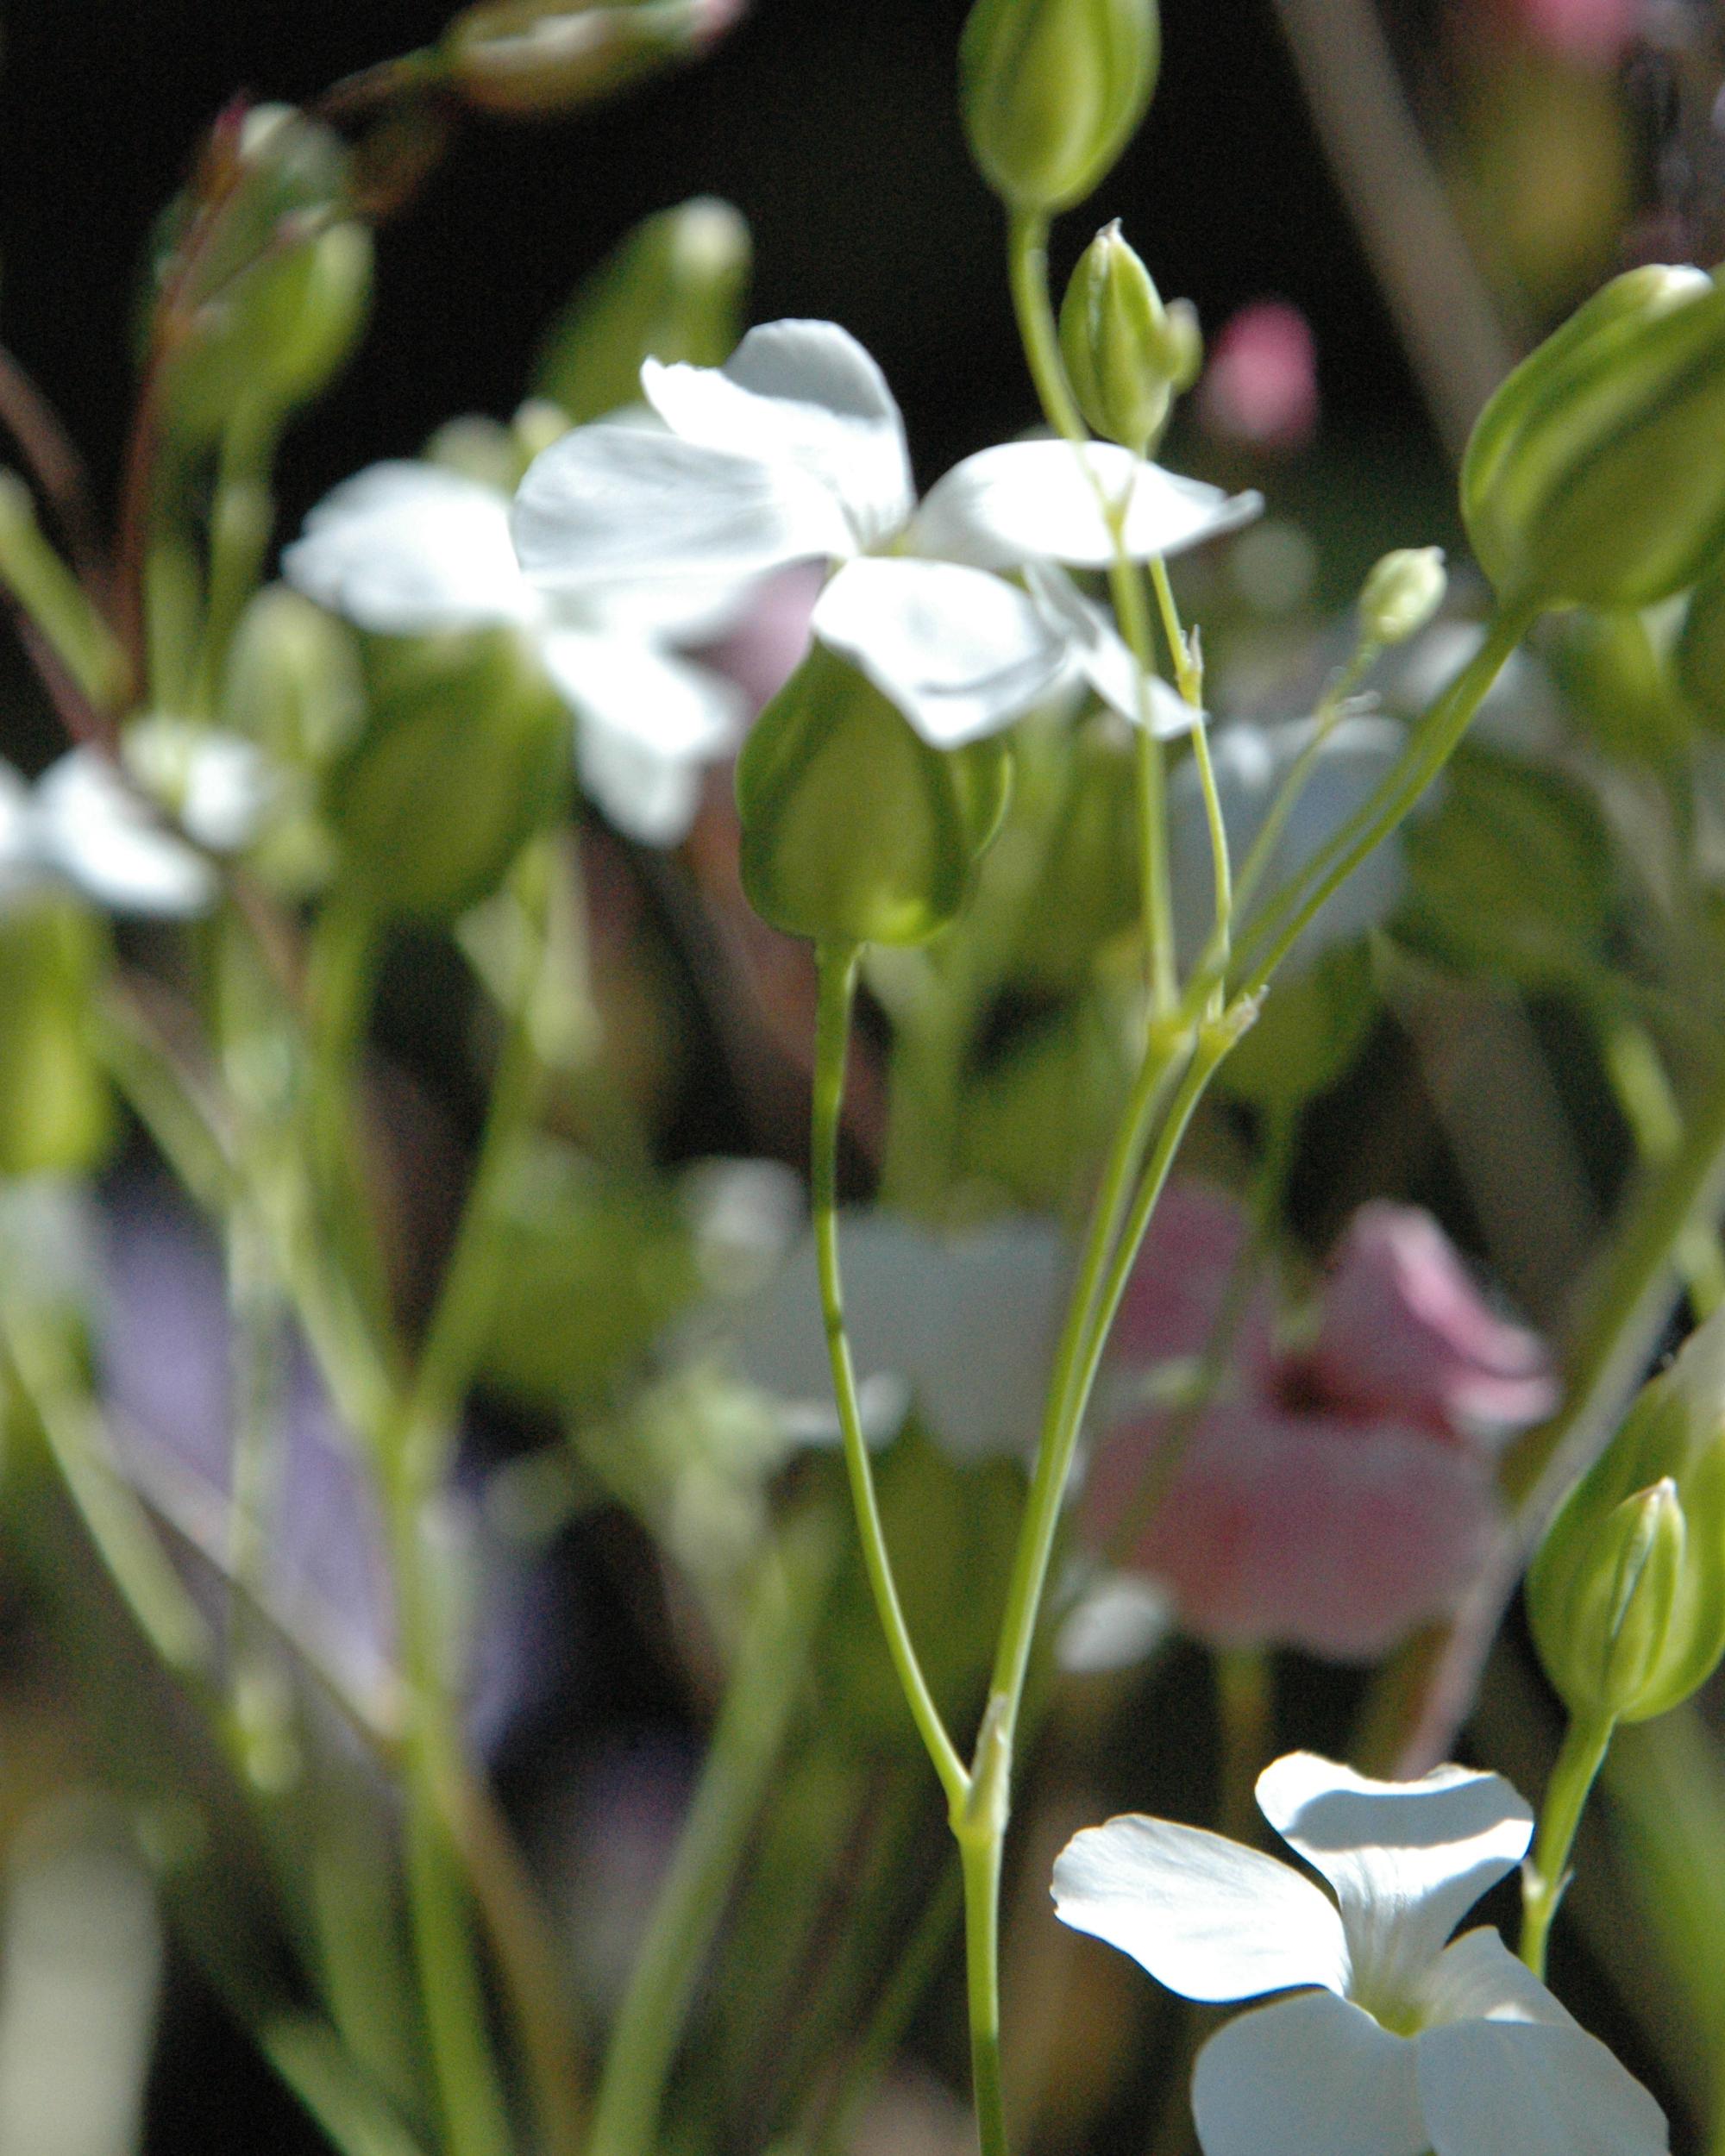 https://0901.nccdn.net/4_2/000/000/038/2d3/flowers05.jpg